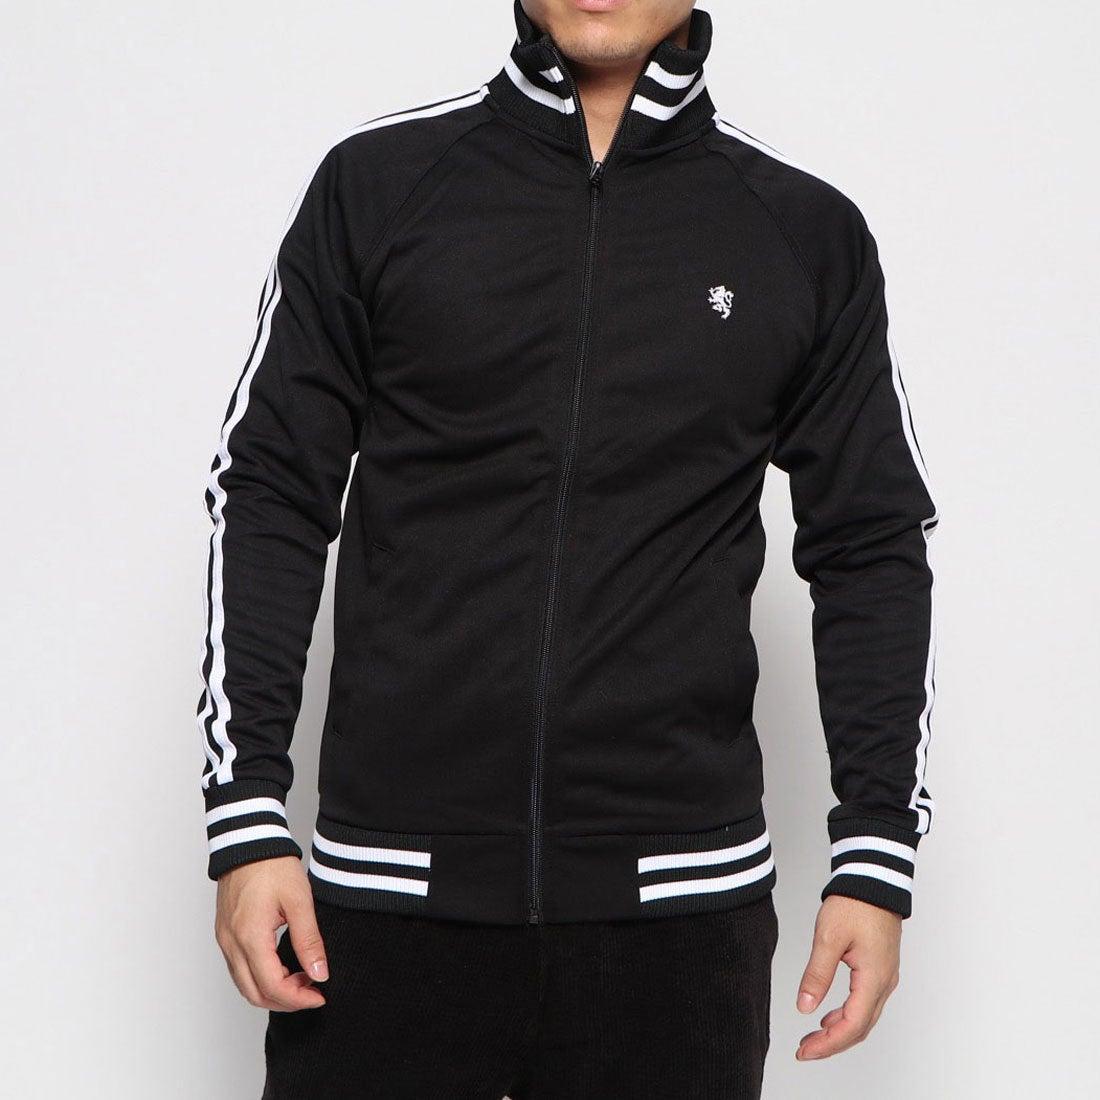 ロコンド 靴とファッションの通販サイトスタイルブロック STYLEBLOCK 2ライントラックジャケット (ブラック×ホワイト)